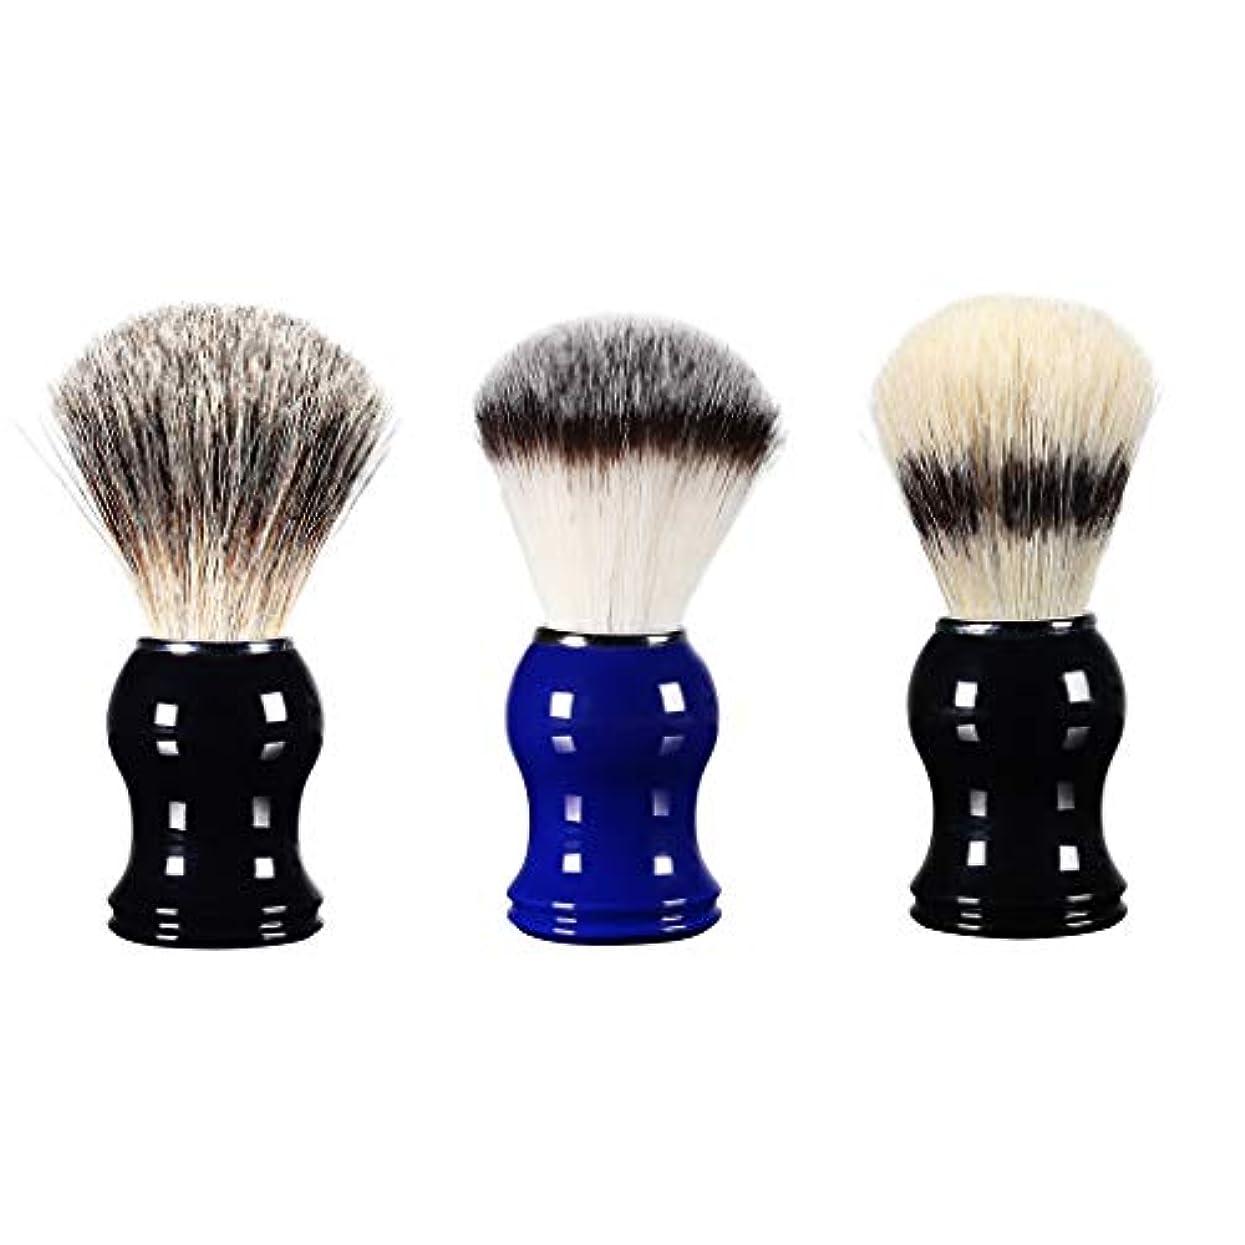 文献徒歩でかなりdailymall 3 Xプロのひげ剃りブラシ男性化粧品グルーミングツール樹脂ハンドル